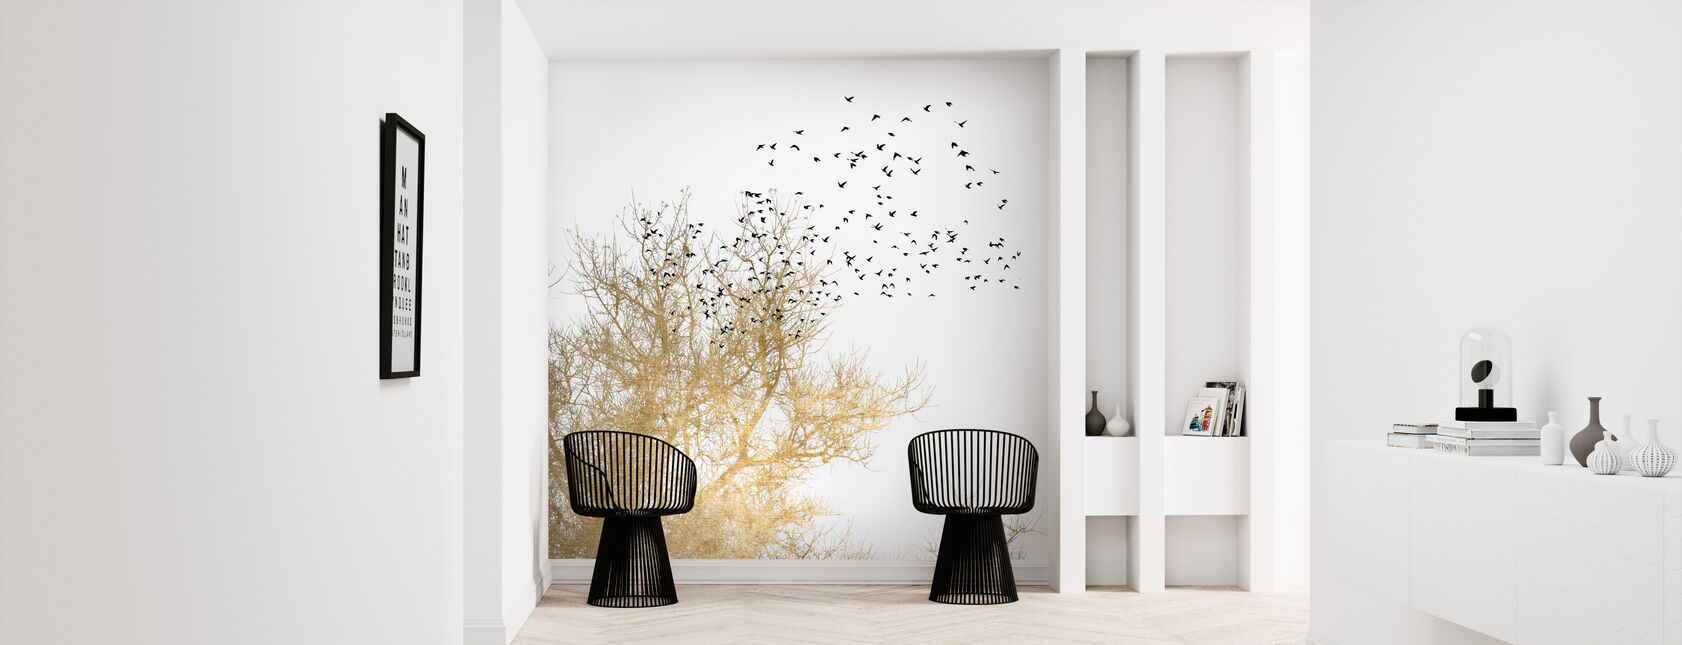 Kultaiset linnut - Tapetti - Aula